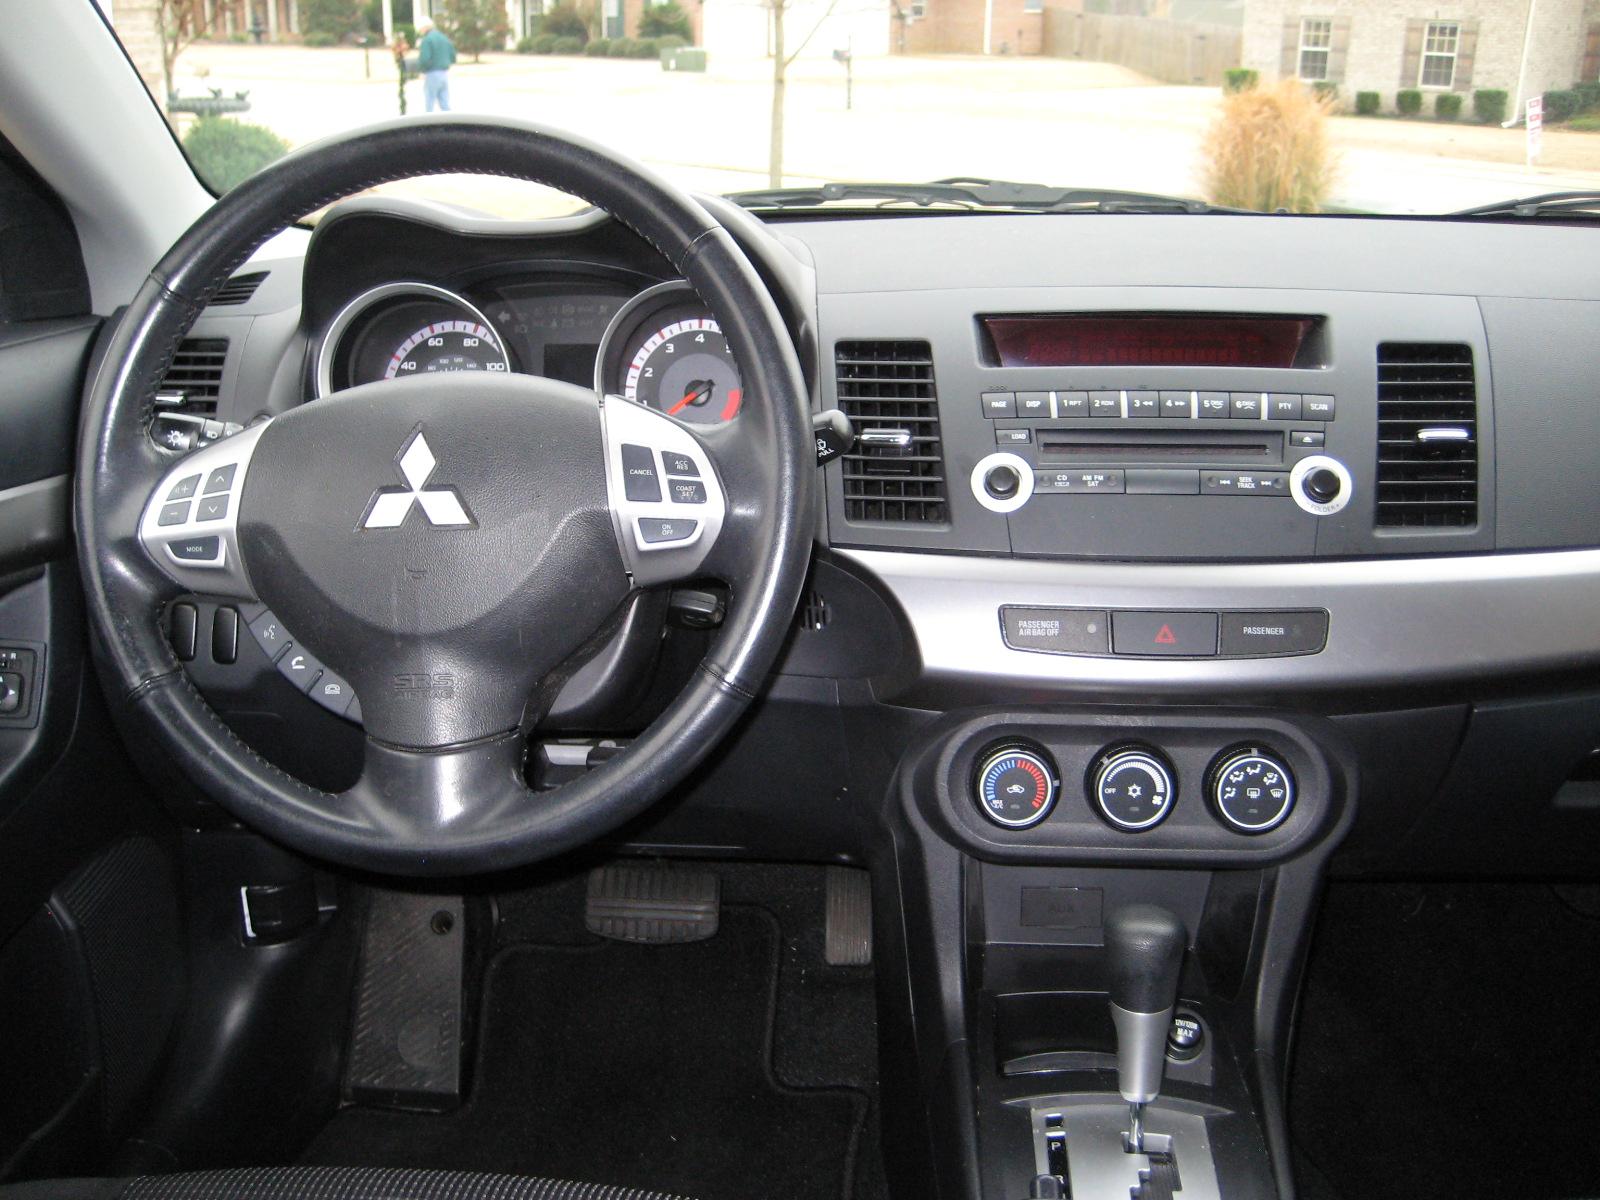 2009 Mitsubishi Lancer Interior Pictures Cargurus